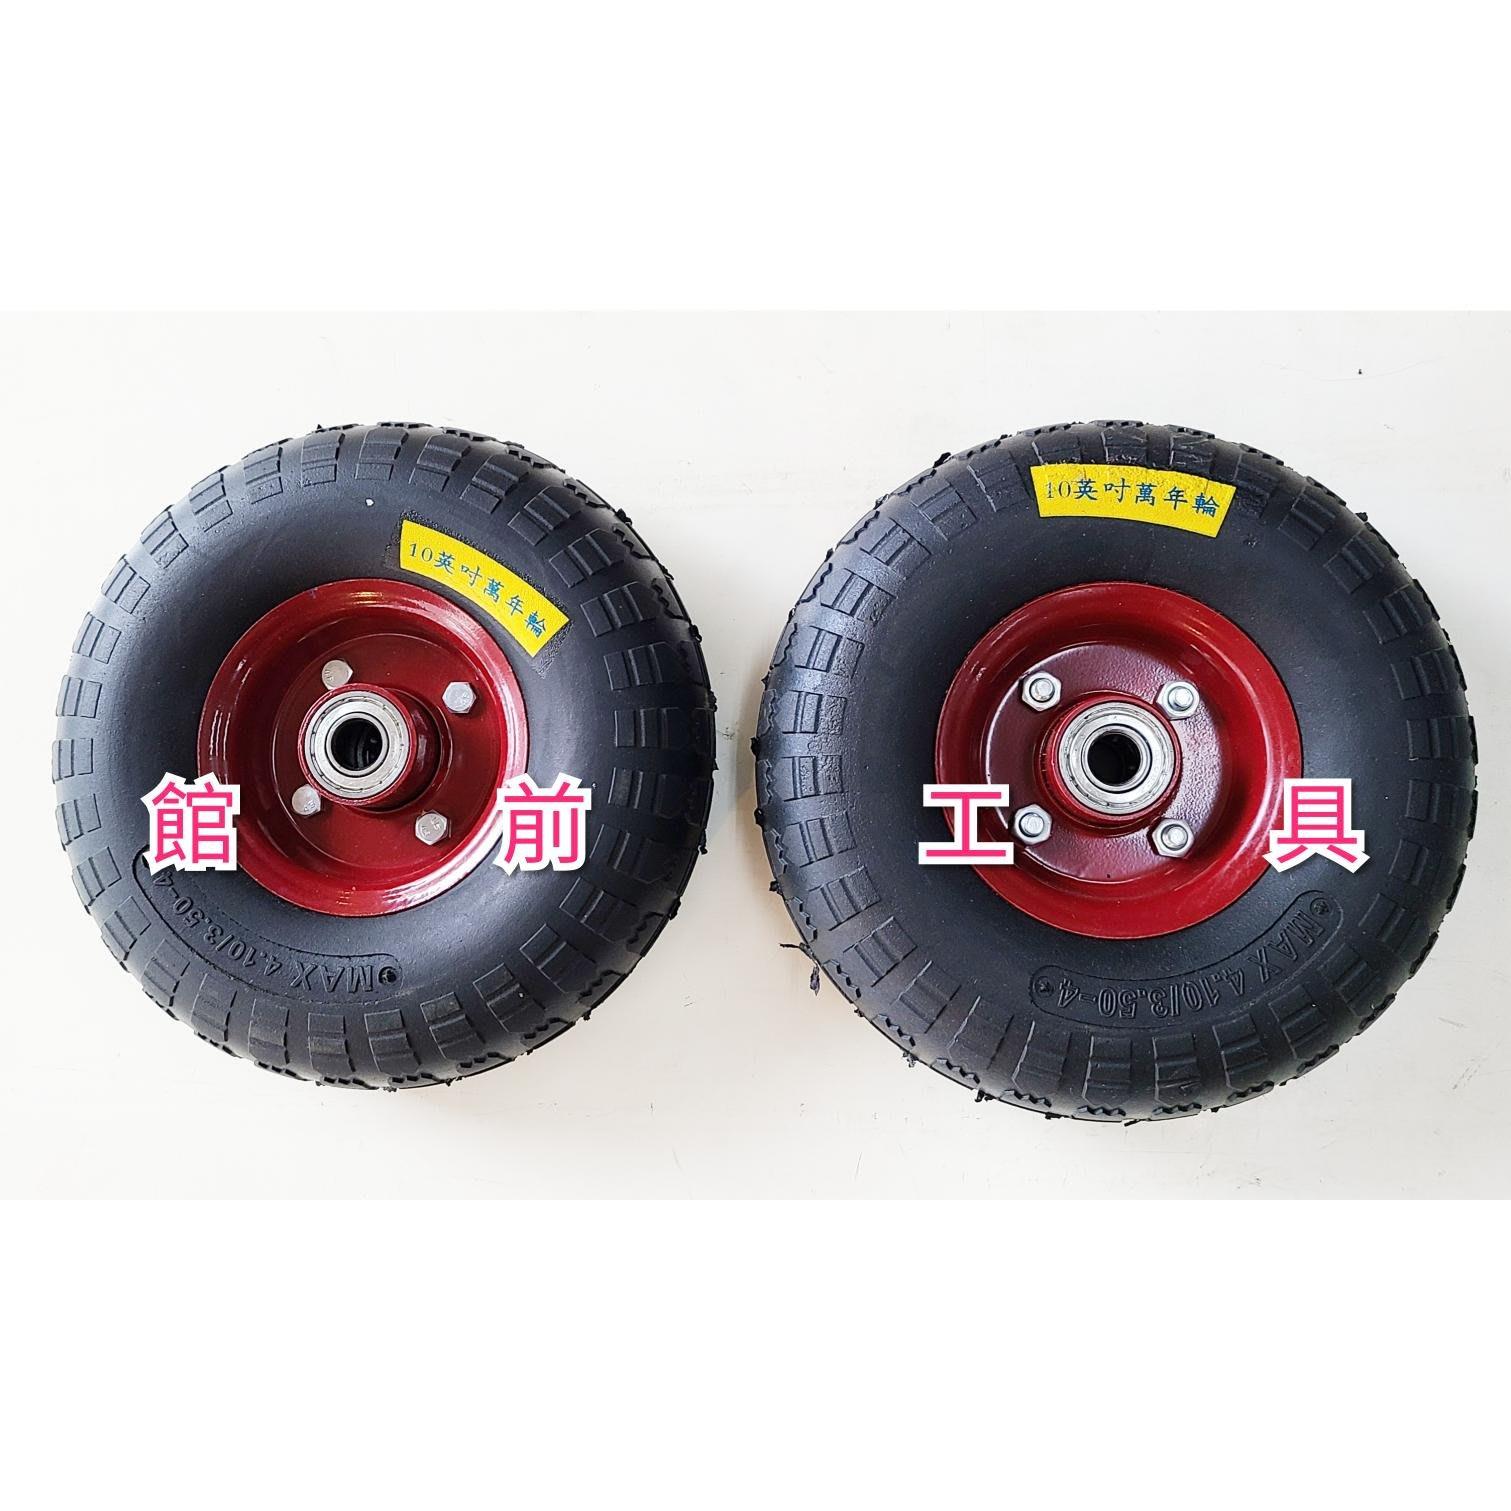 【☆館前工具☆】風輪-10萬年輪輪胎 手推車輪胎 水泥車輪胎 菜車輪胎 輪胎